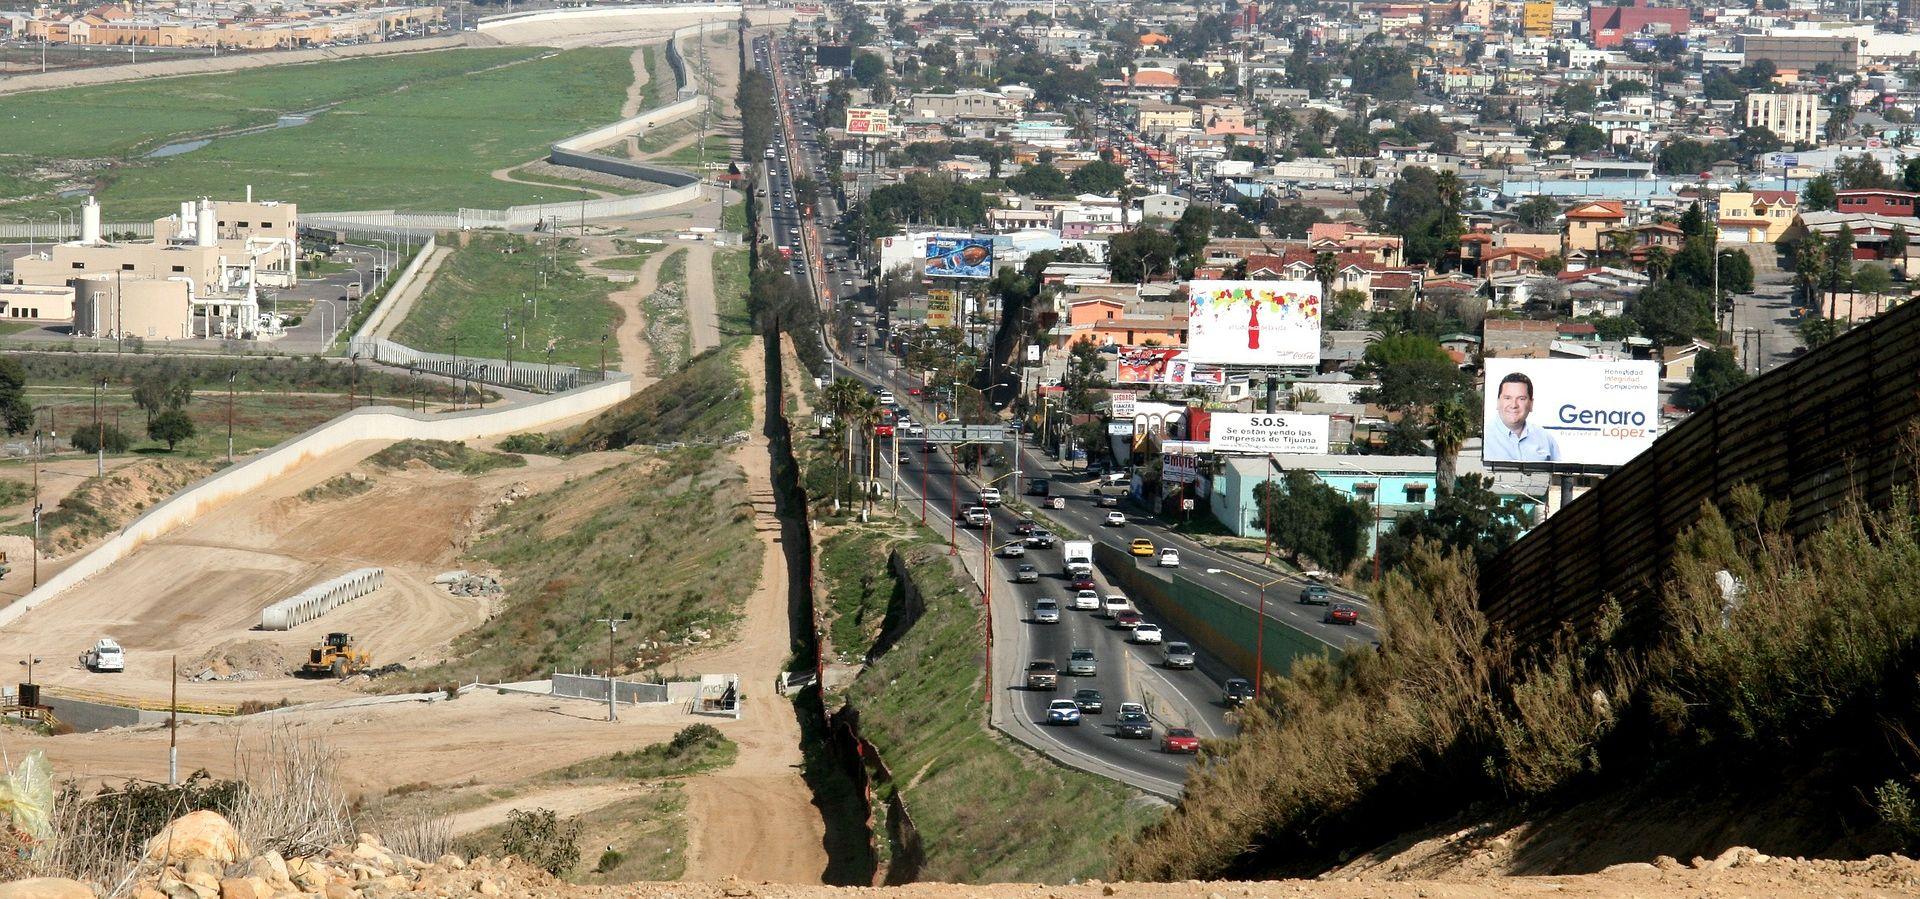 ŠTO ĆE REĆI DONALD TRUMP? Više Meksikanaca odlazi iz SAD-a nego što u njega dolazi